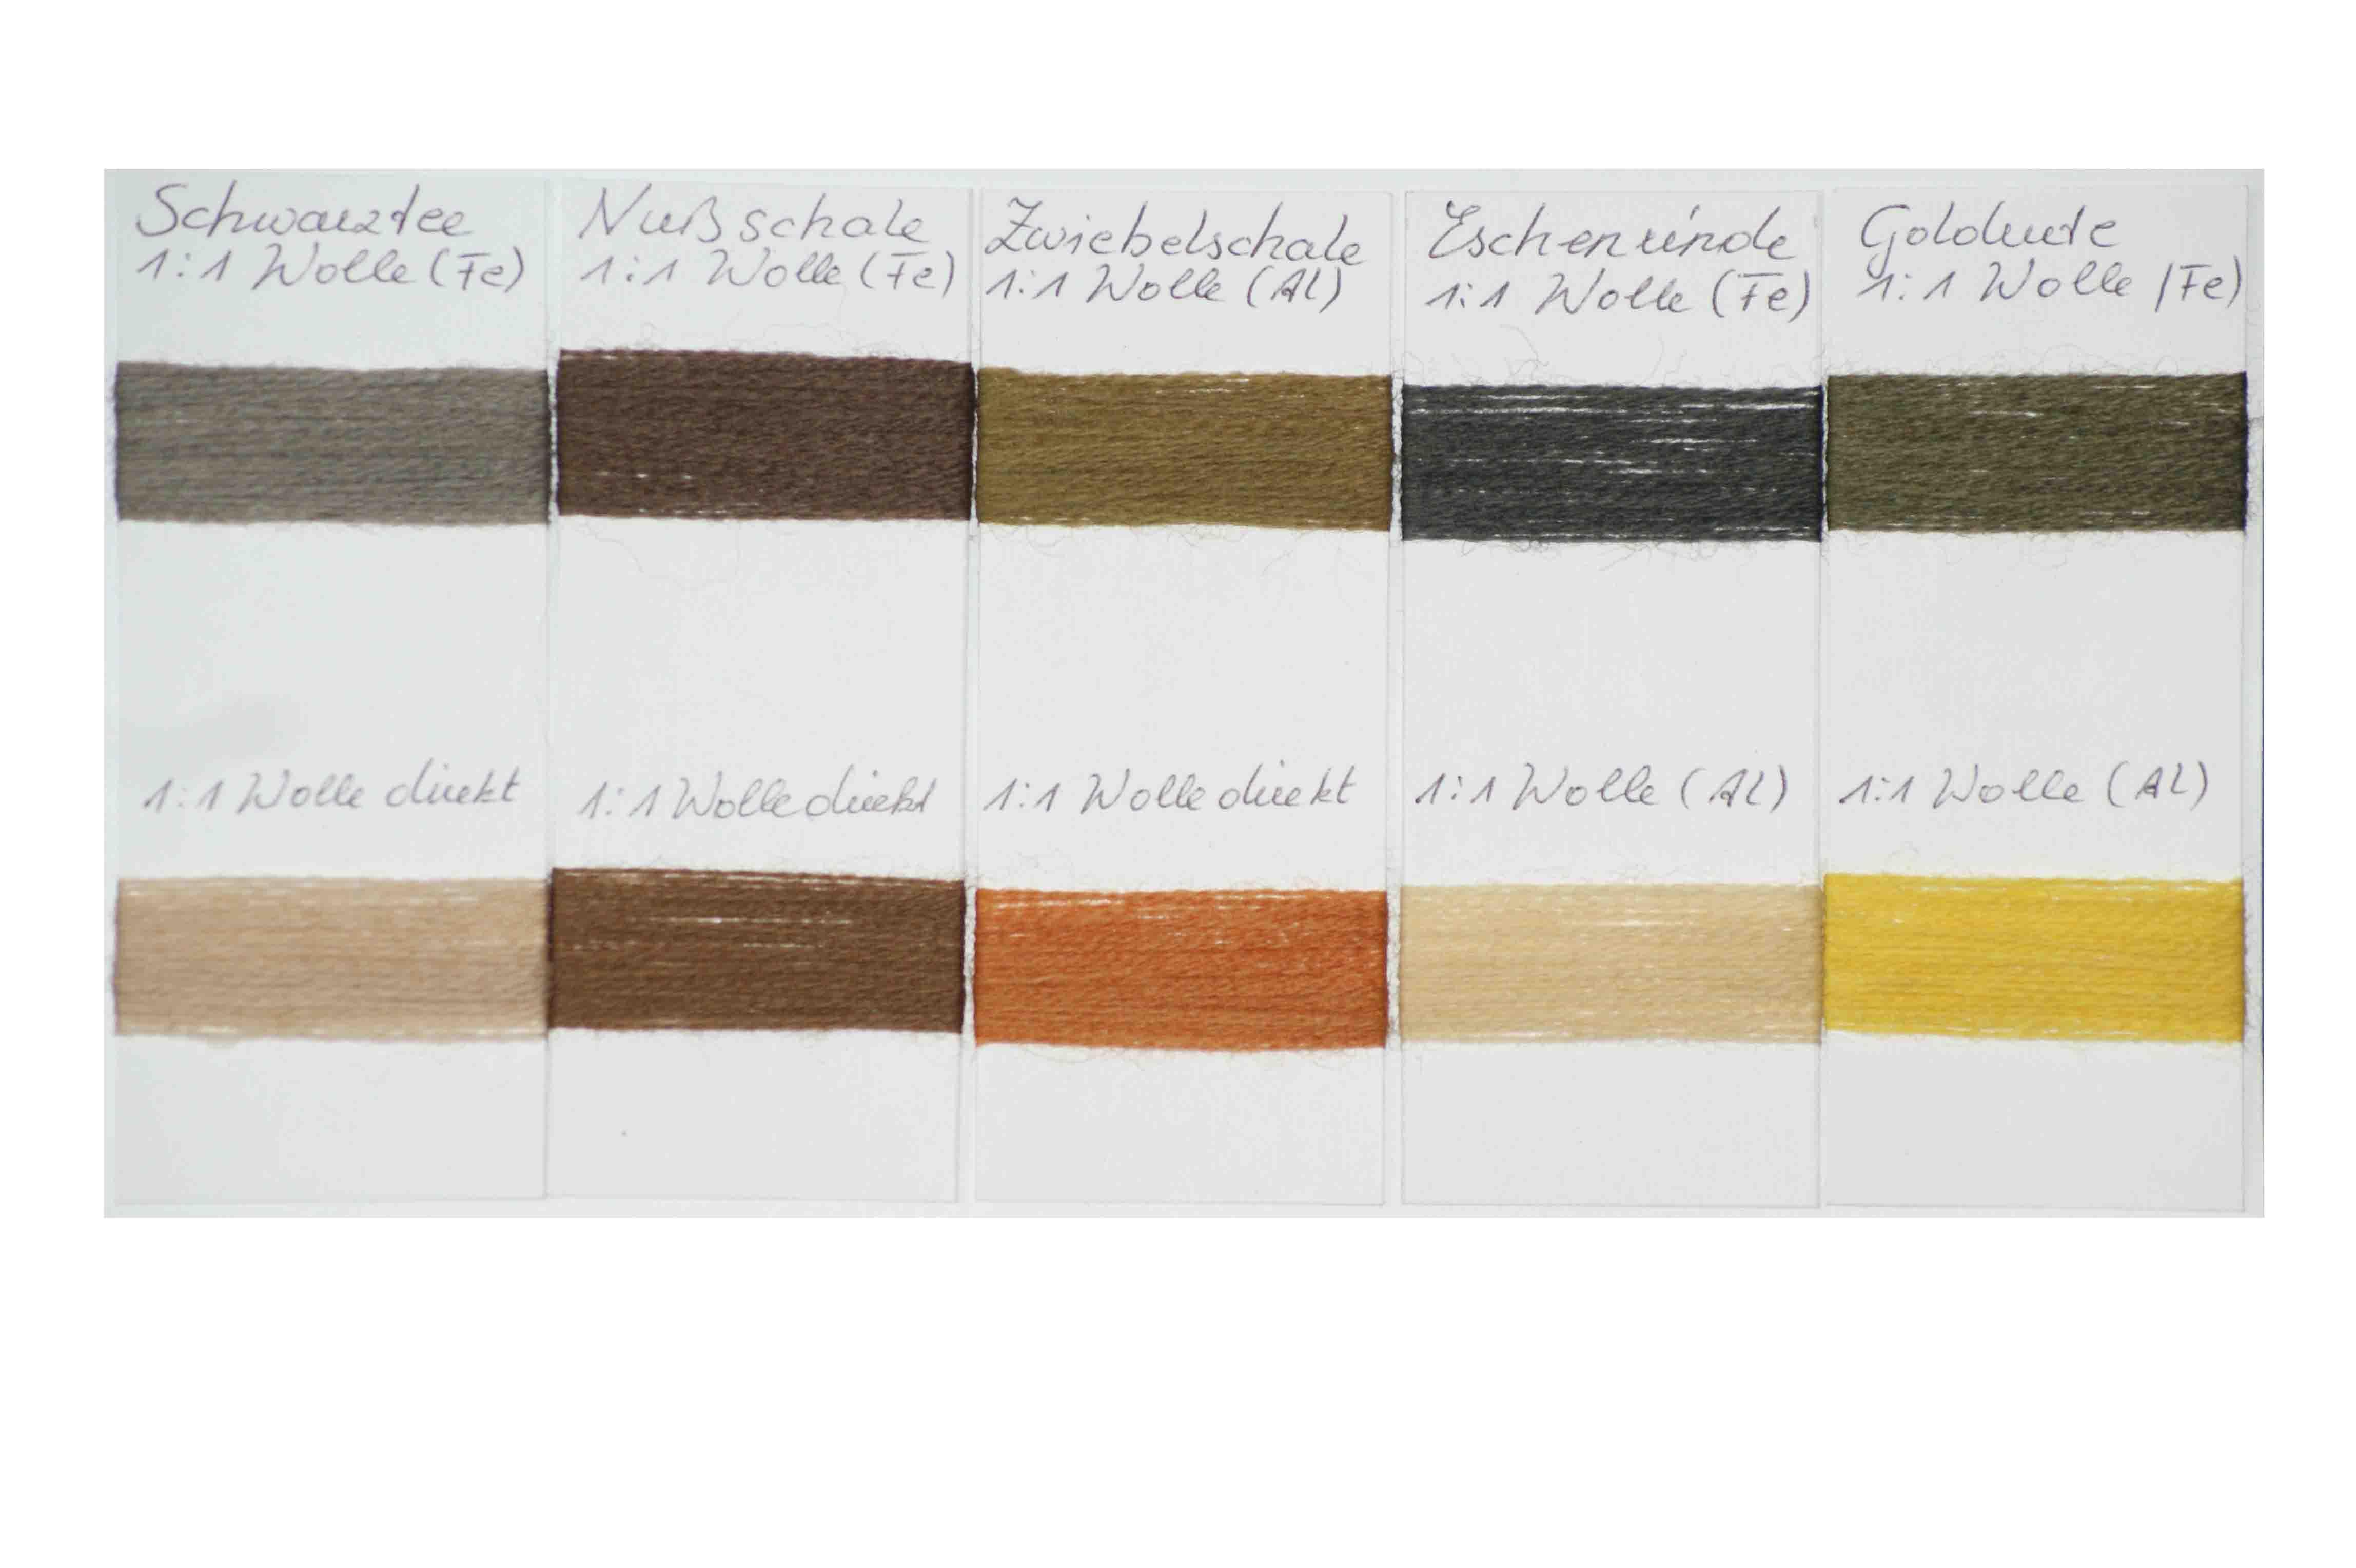 Farbmusterkarte Pflanzenfarben natürlich gefärbt auf Wolle vorgebeizt mit Alaun und Eisen